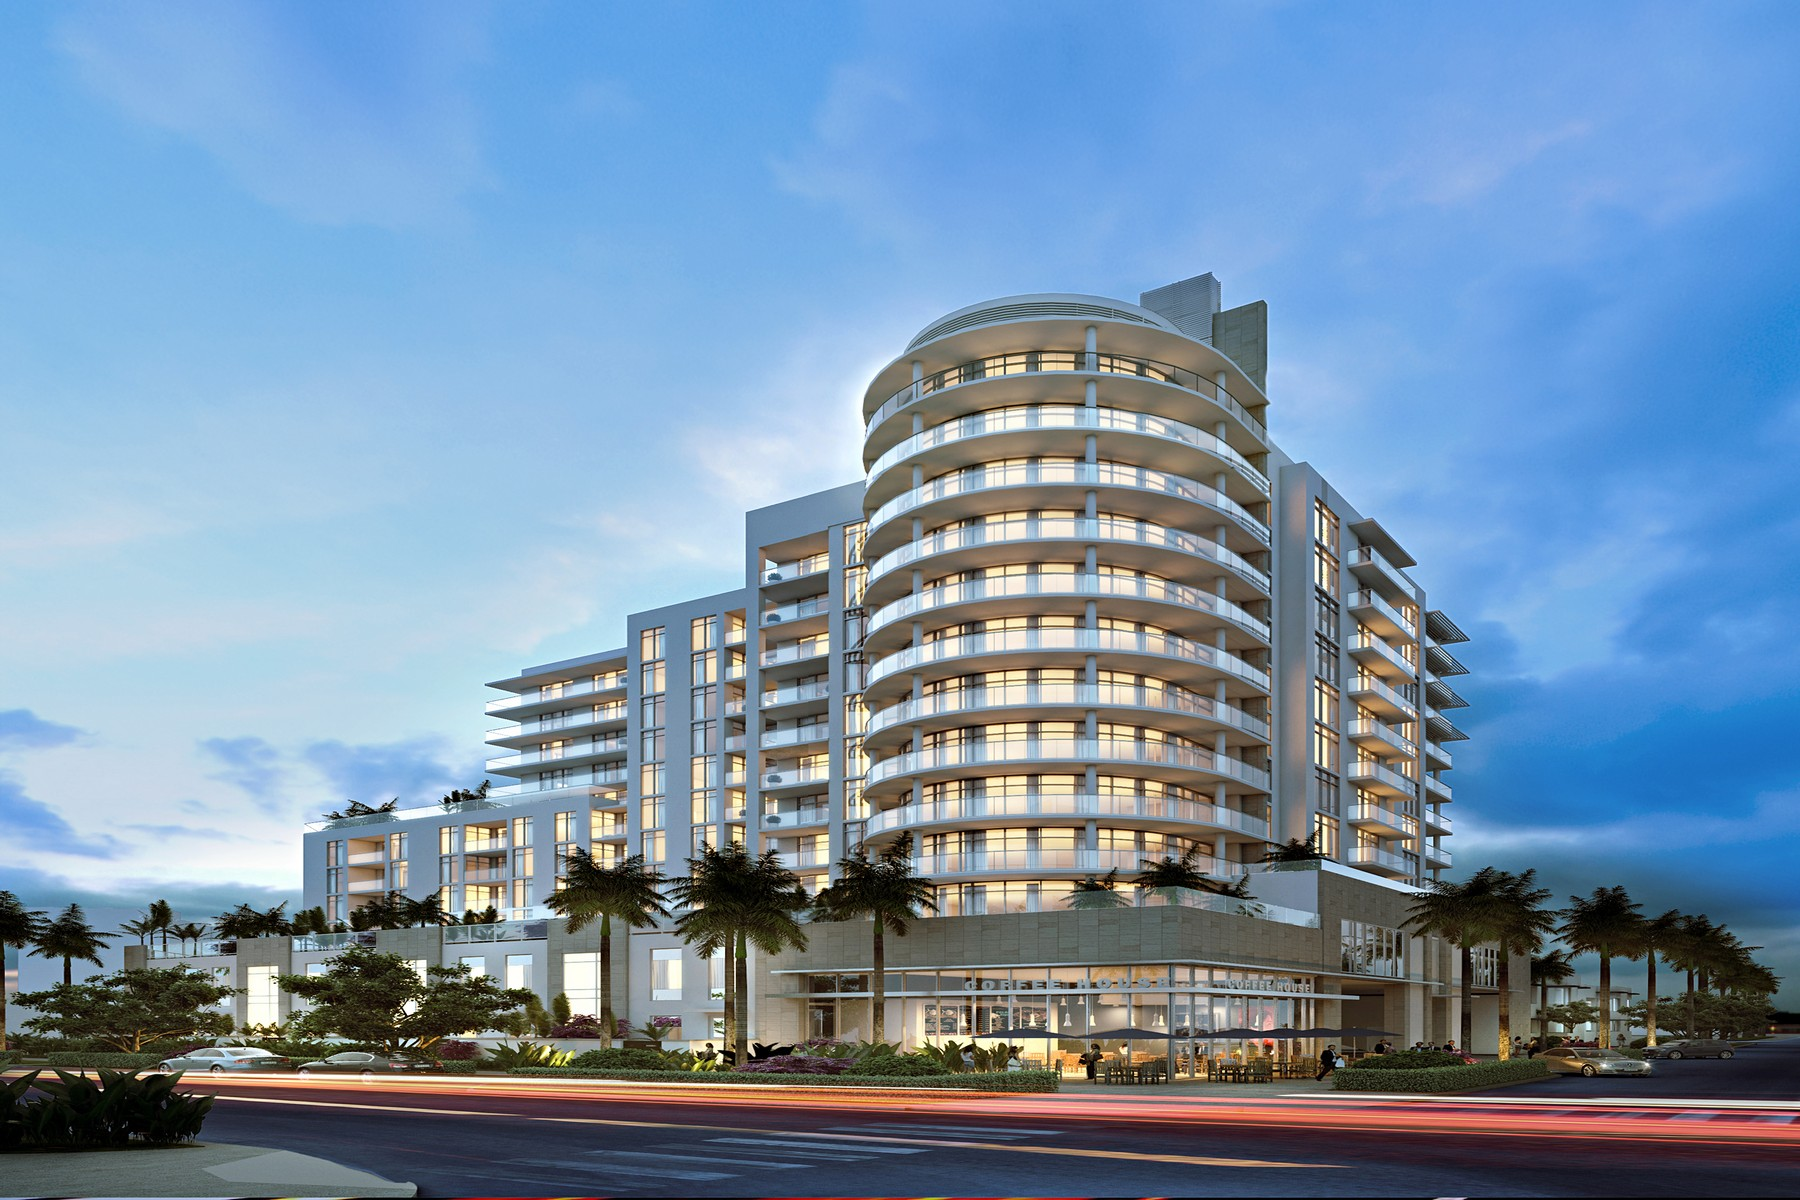 Apartamento para Venda às Gale Residences 2434 E Las Olas Blvd #bh-4 Fort Lauderdale, Florida 33304 Estados Unidos